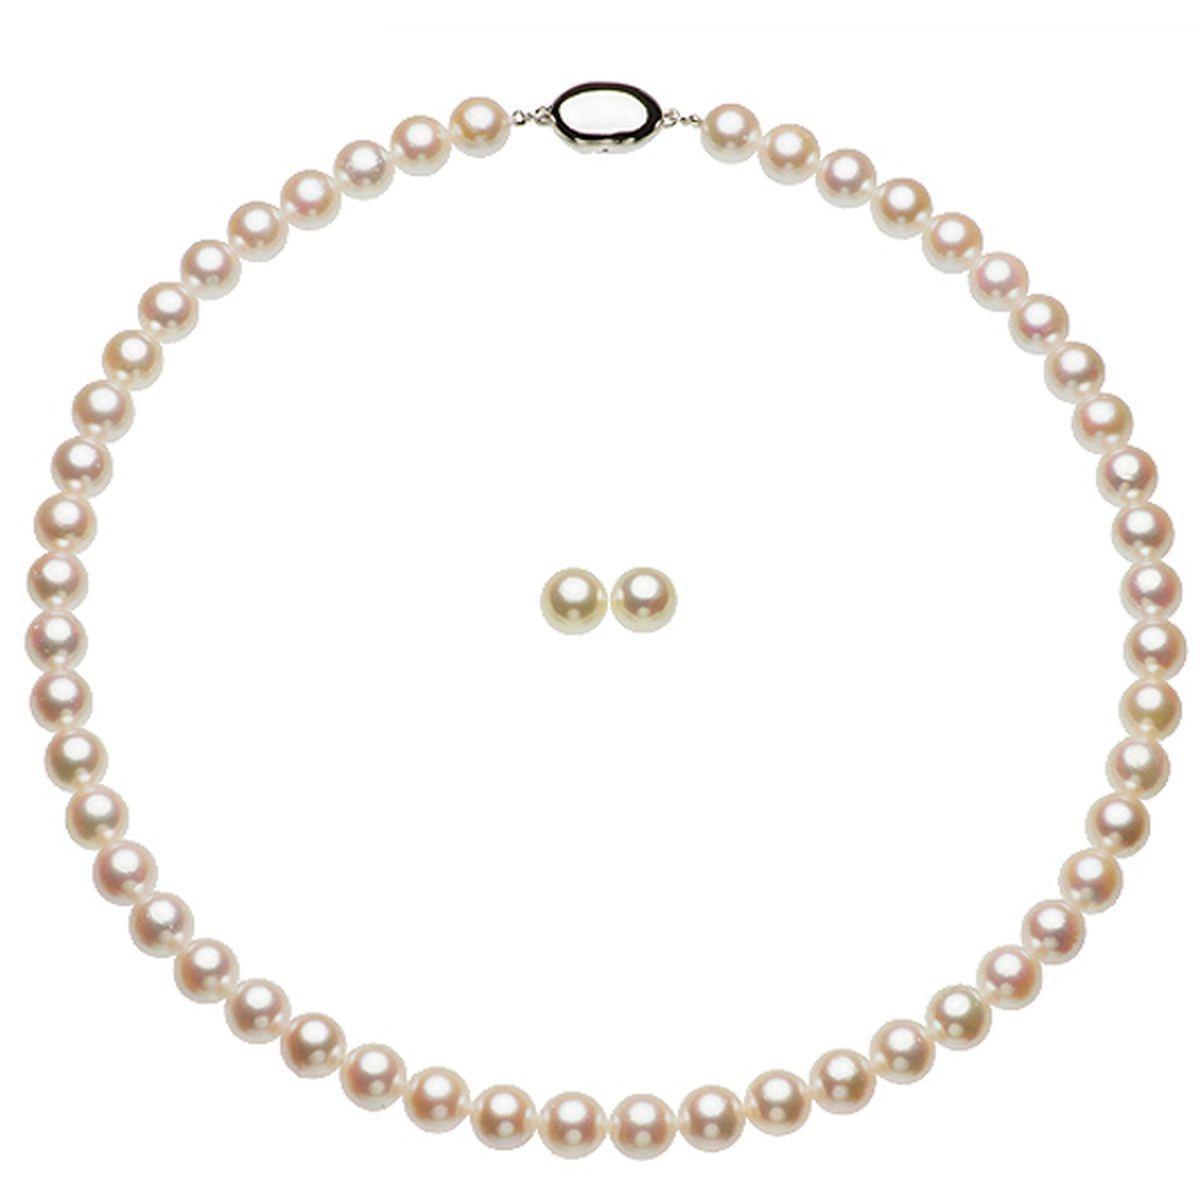 アコヤ 真珠 パール ピアス ネックレス セット 約8.0-8.5mmの写真